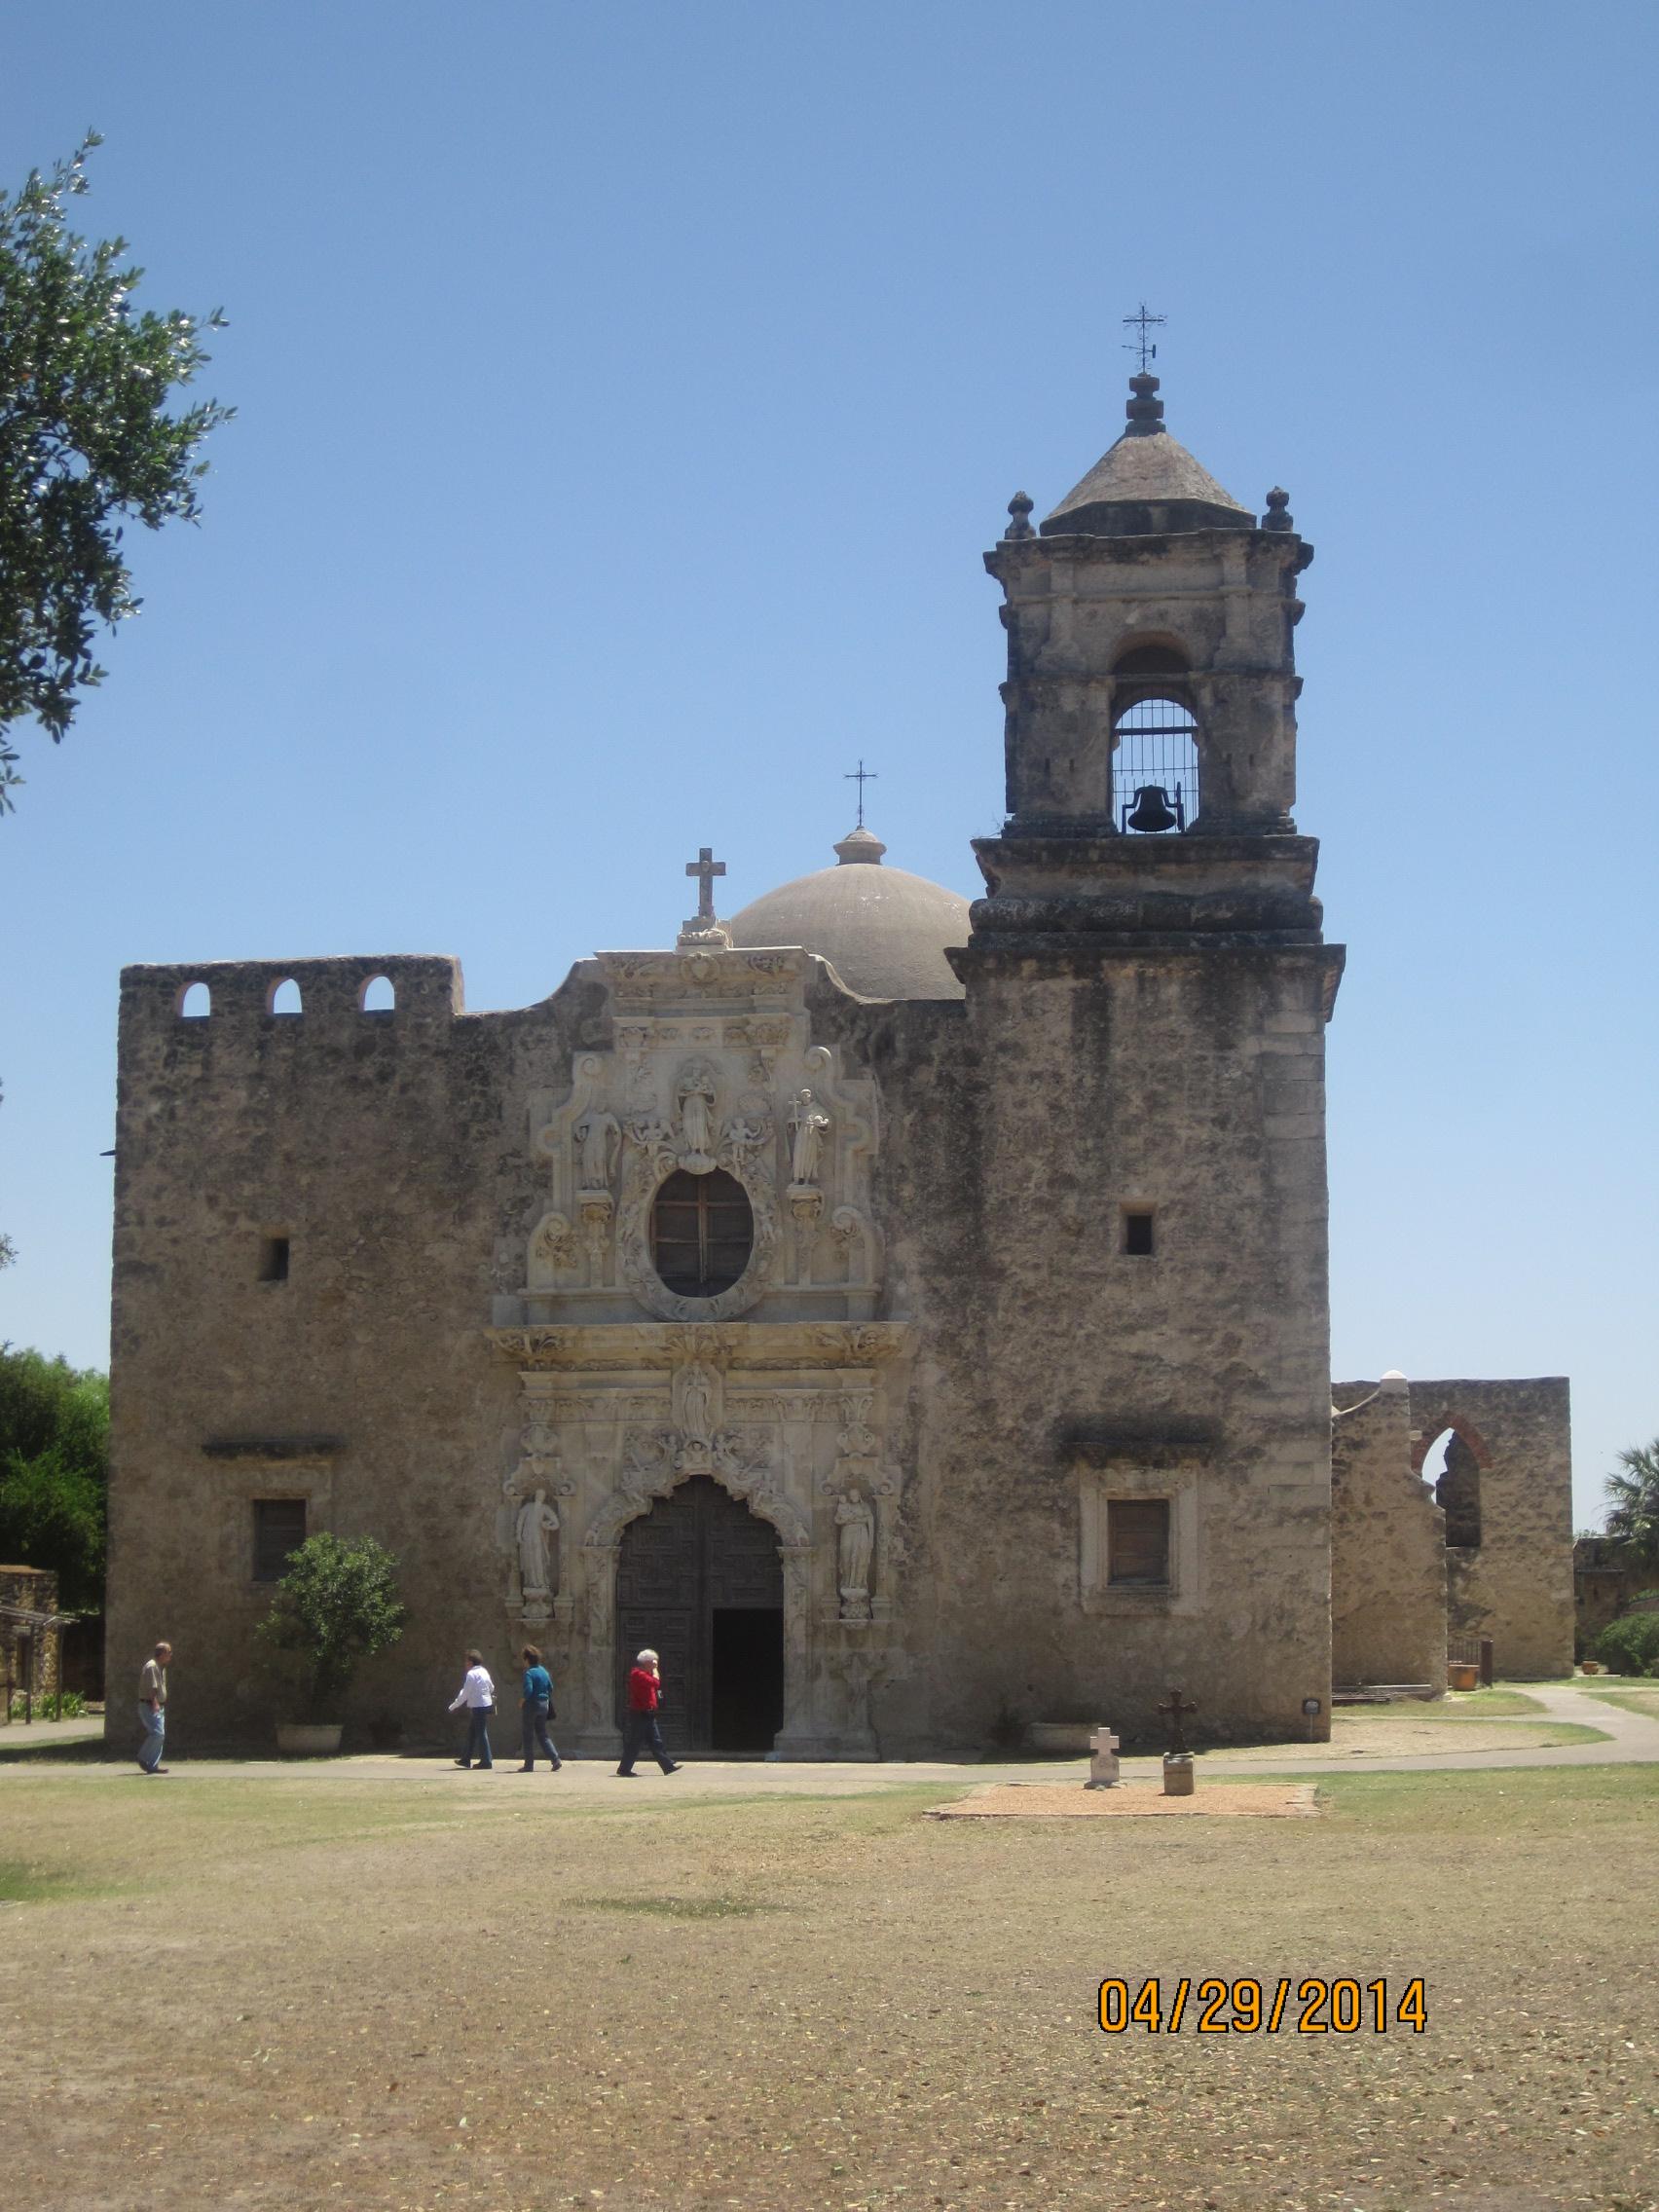 a tour of san jose mission in san antonio texas